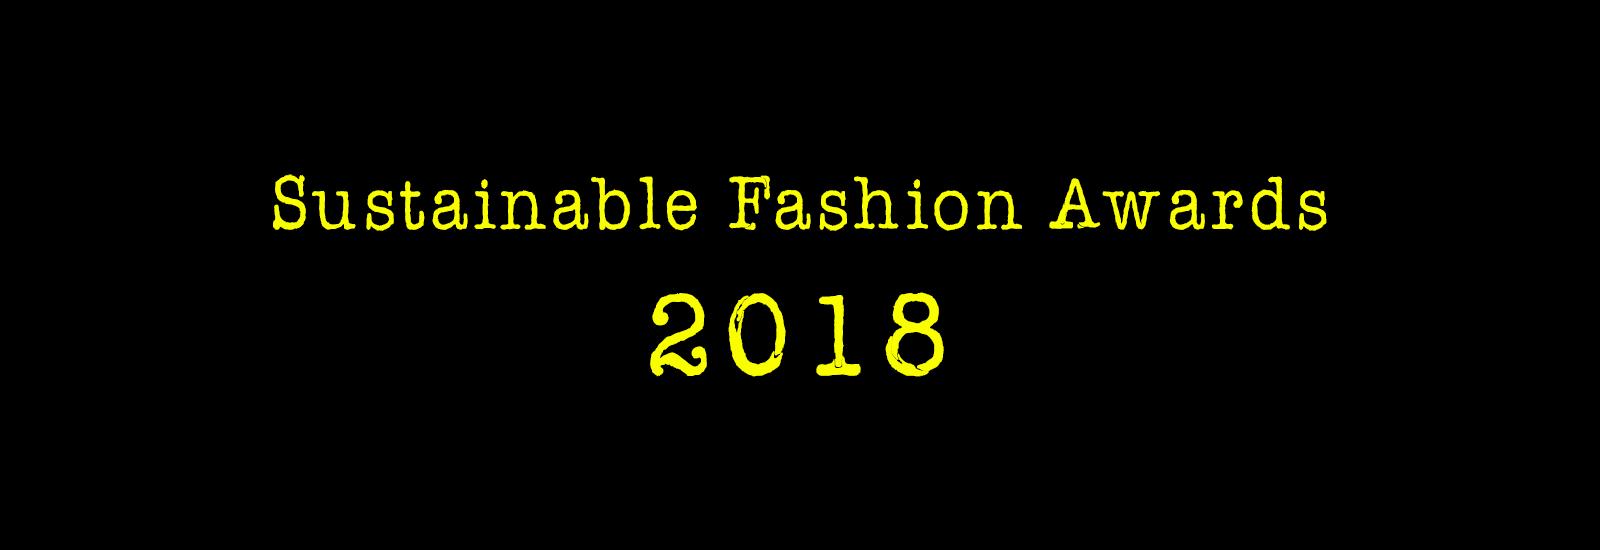 Sustainable Fashion Awards 2018